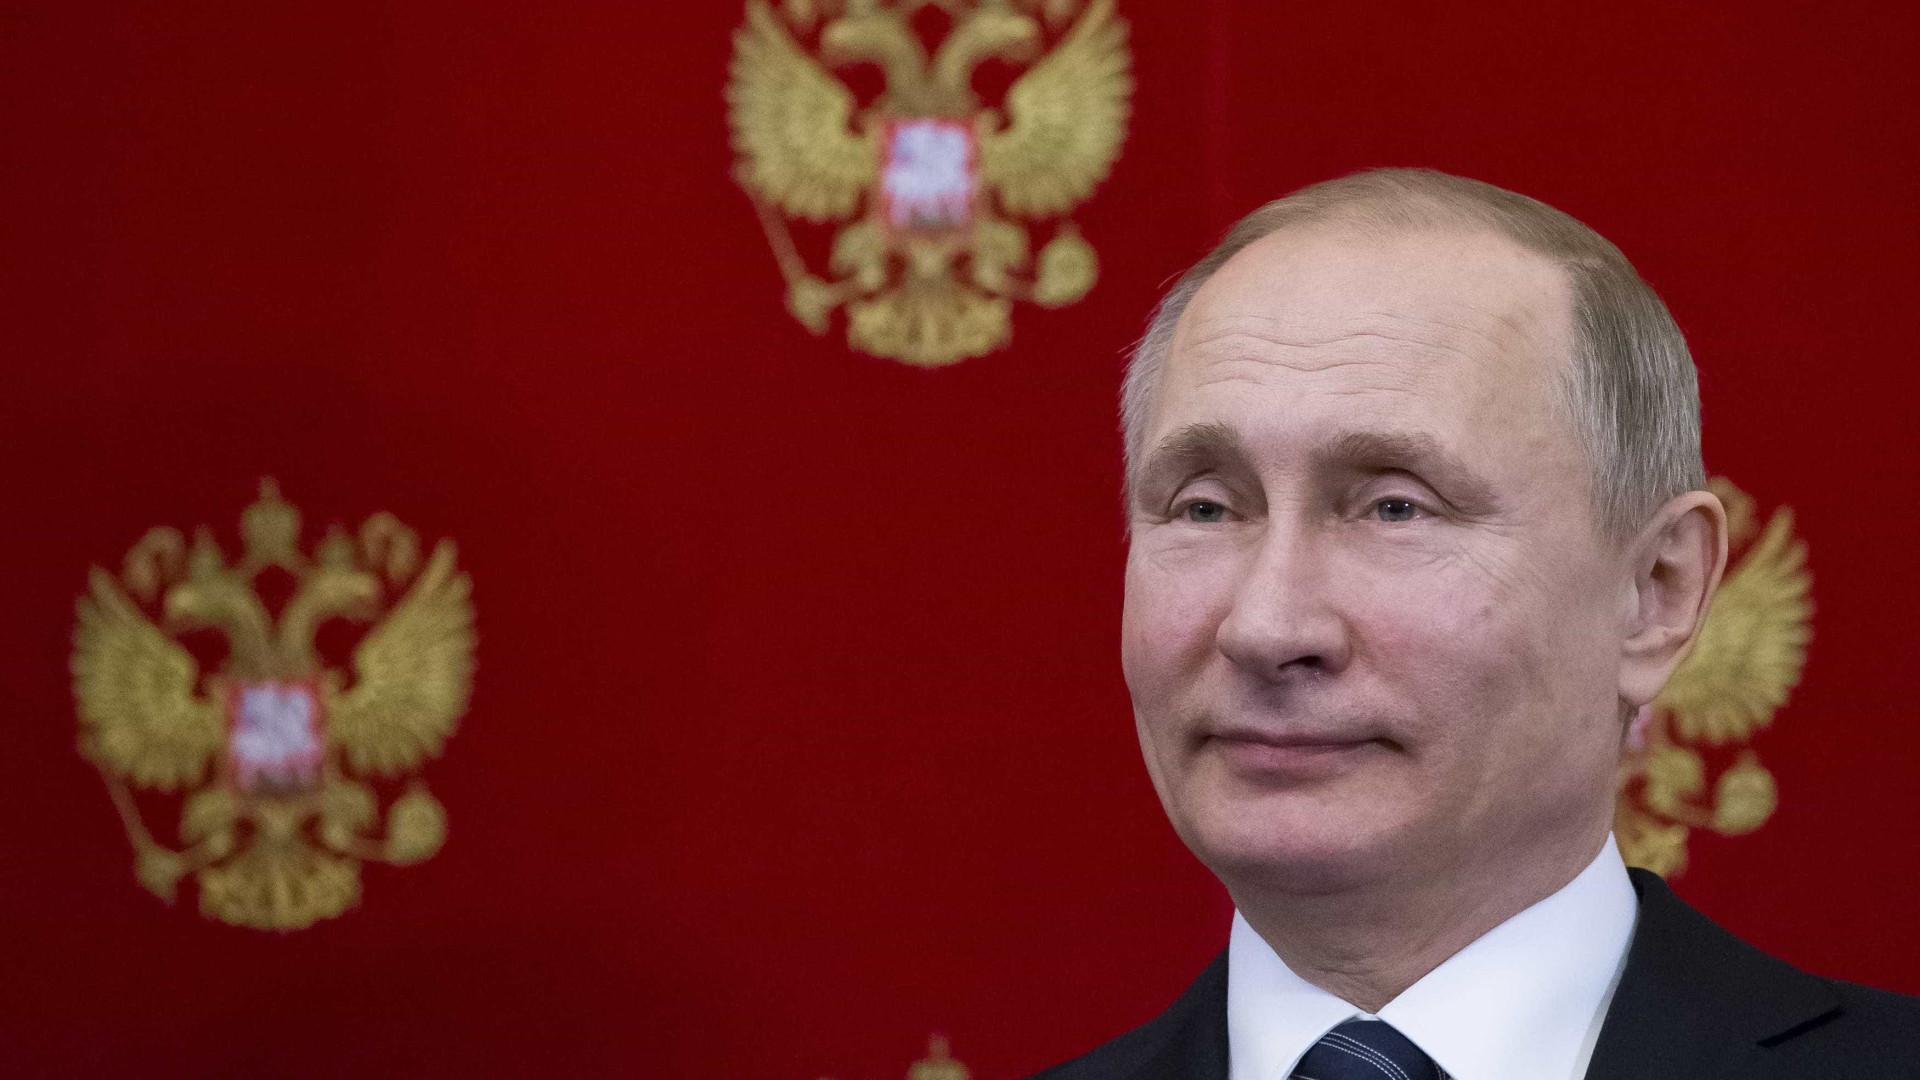 Russos terão gasto 83 500 euros em propaganda nas eleições dos EUA